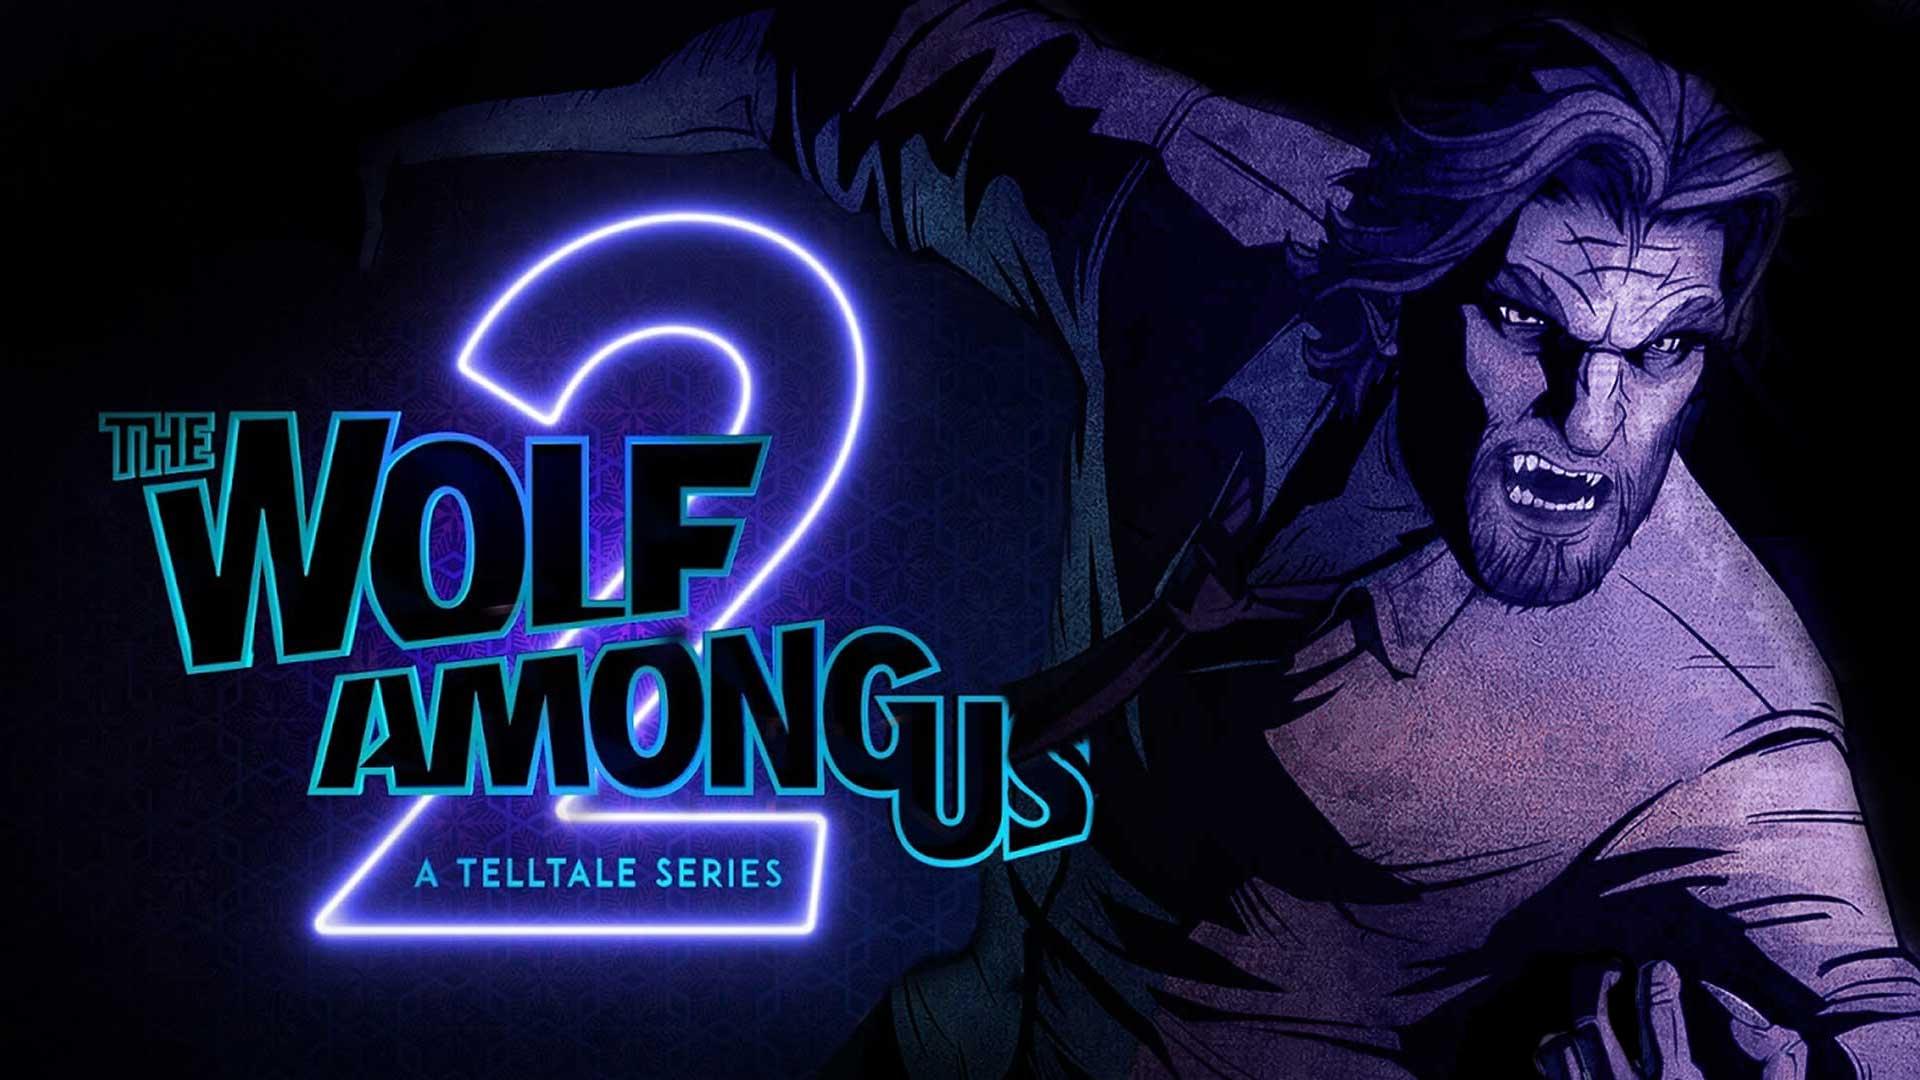 The Wolf Among Us Metacritic